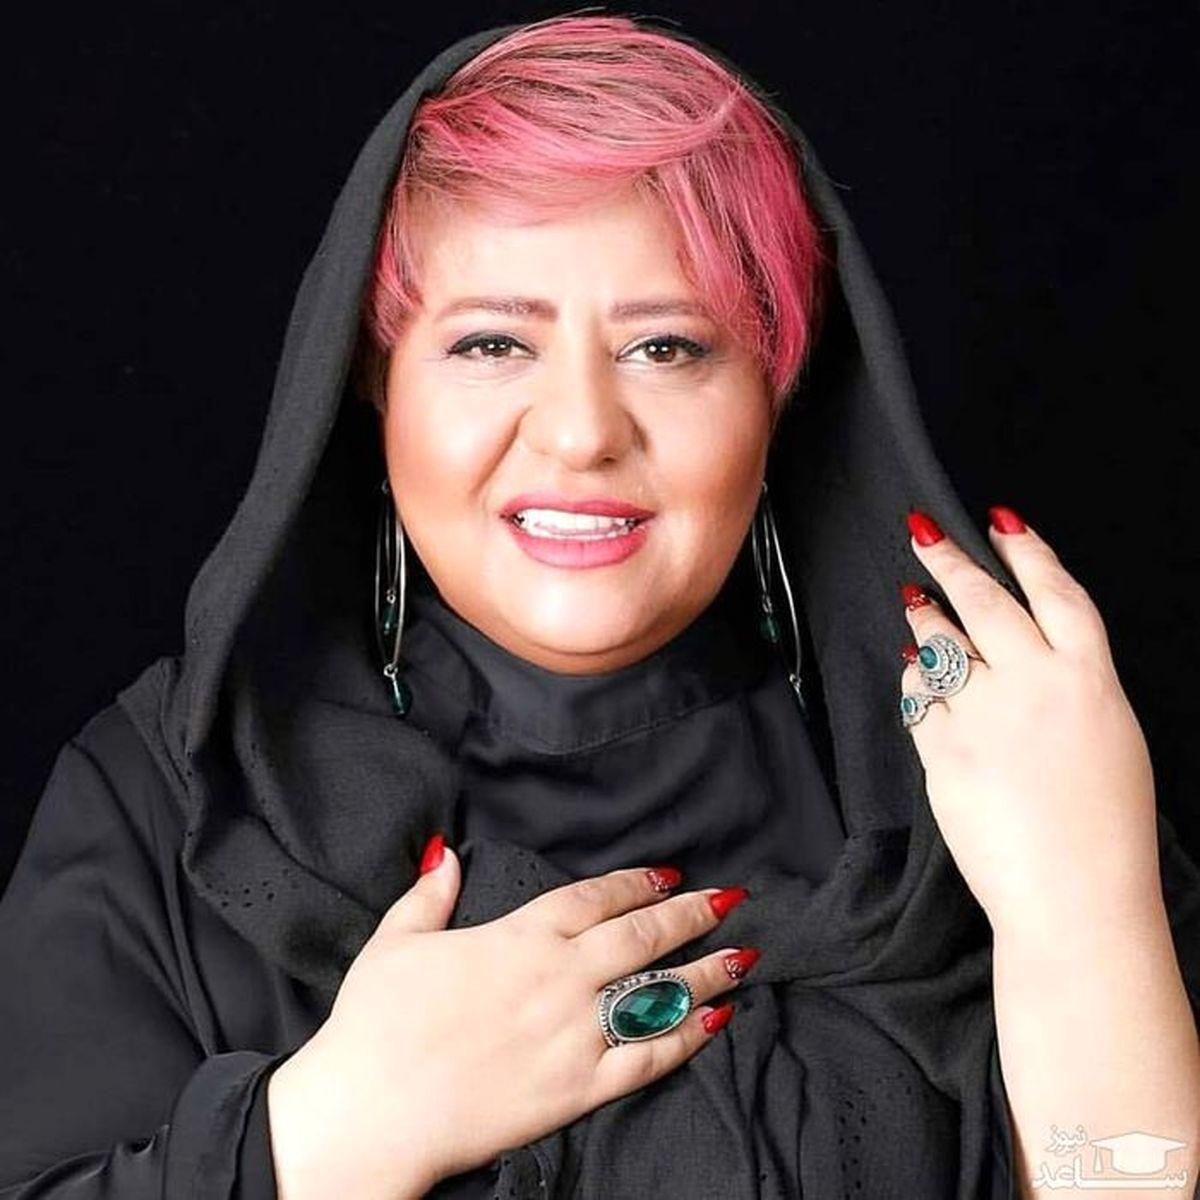 خبر بد شهره لرستانی/ برای رابعه اسکویی دعا کنید + فیلم